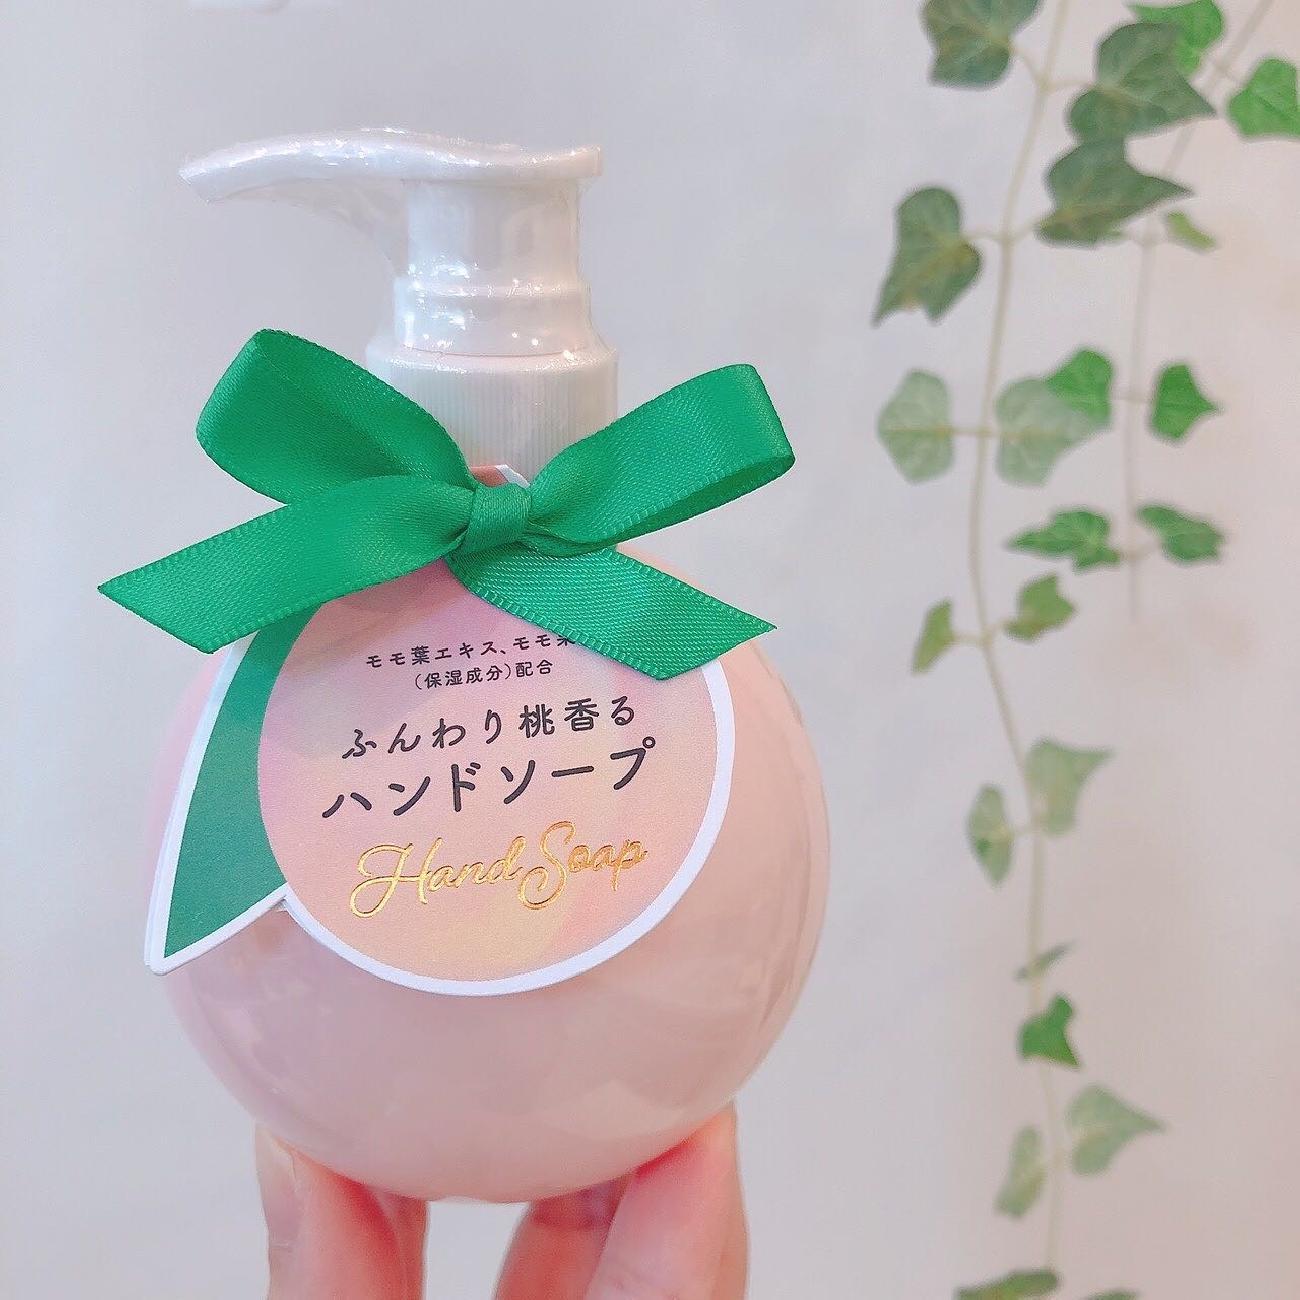 桃/香り/ボディケア/ハンドケア/贈り物/プレゼント/雑貨屋/津山/岡山